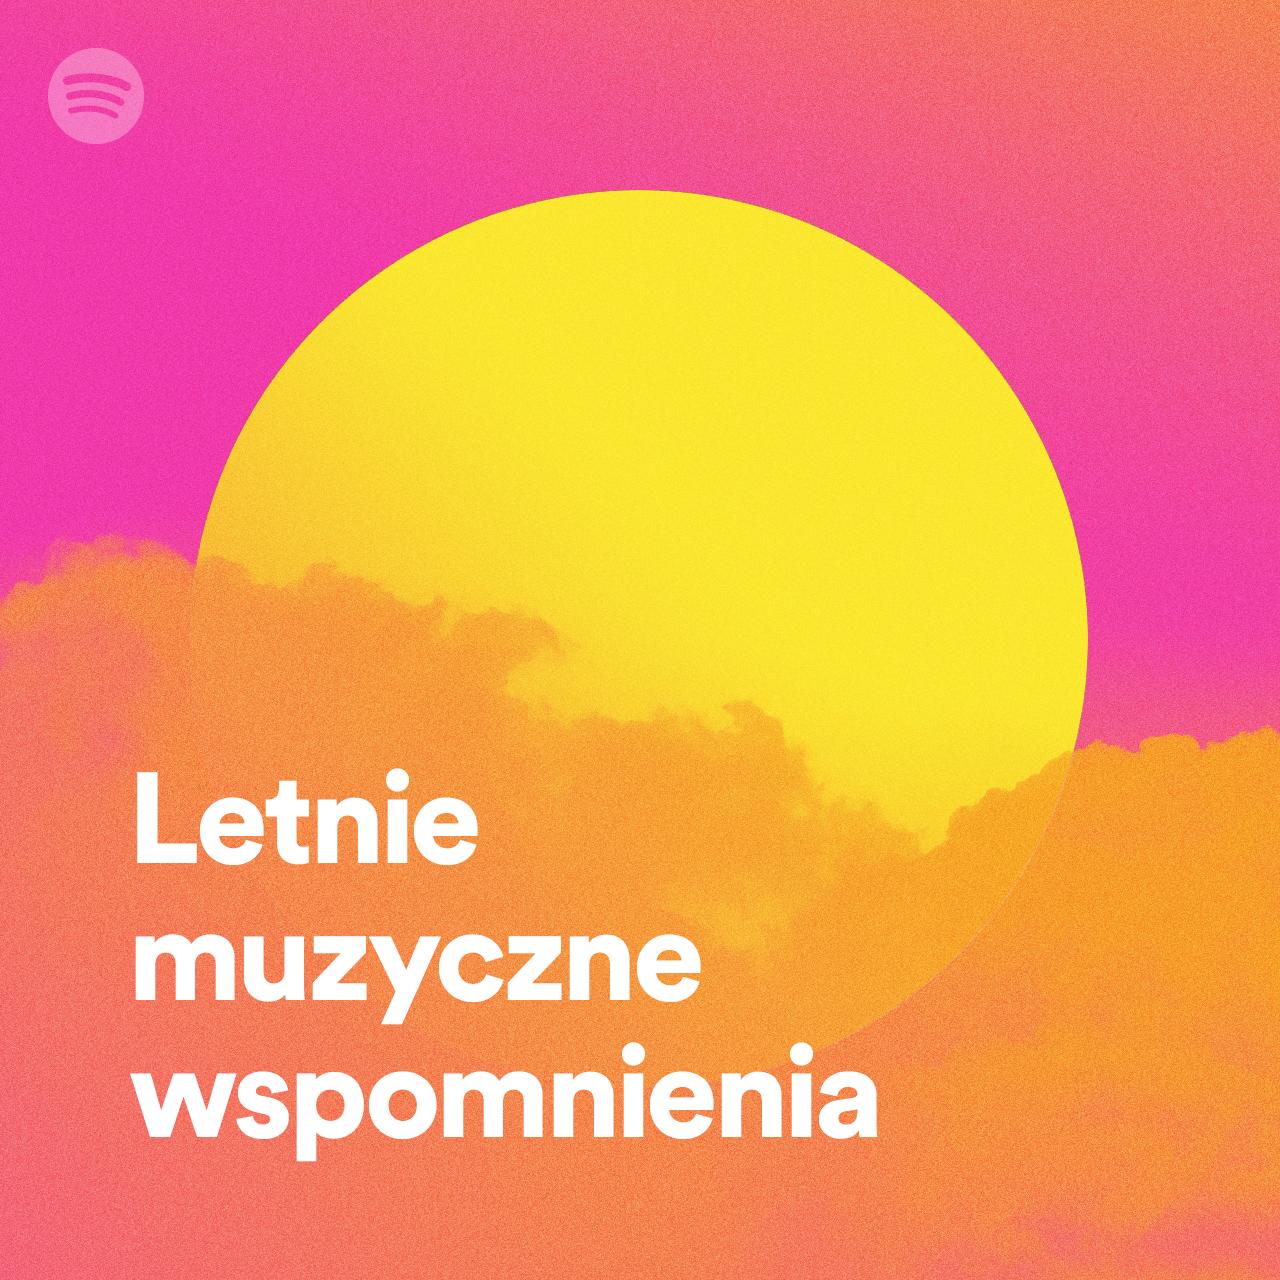 """""""Letnie muzyczne wspomnienia"""" Spotify już dostępne!"""